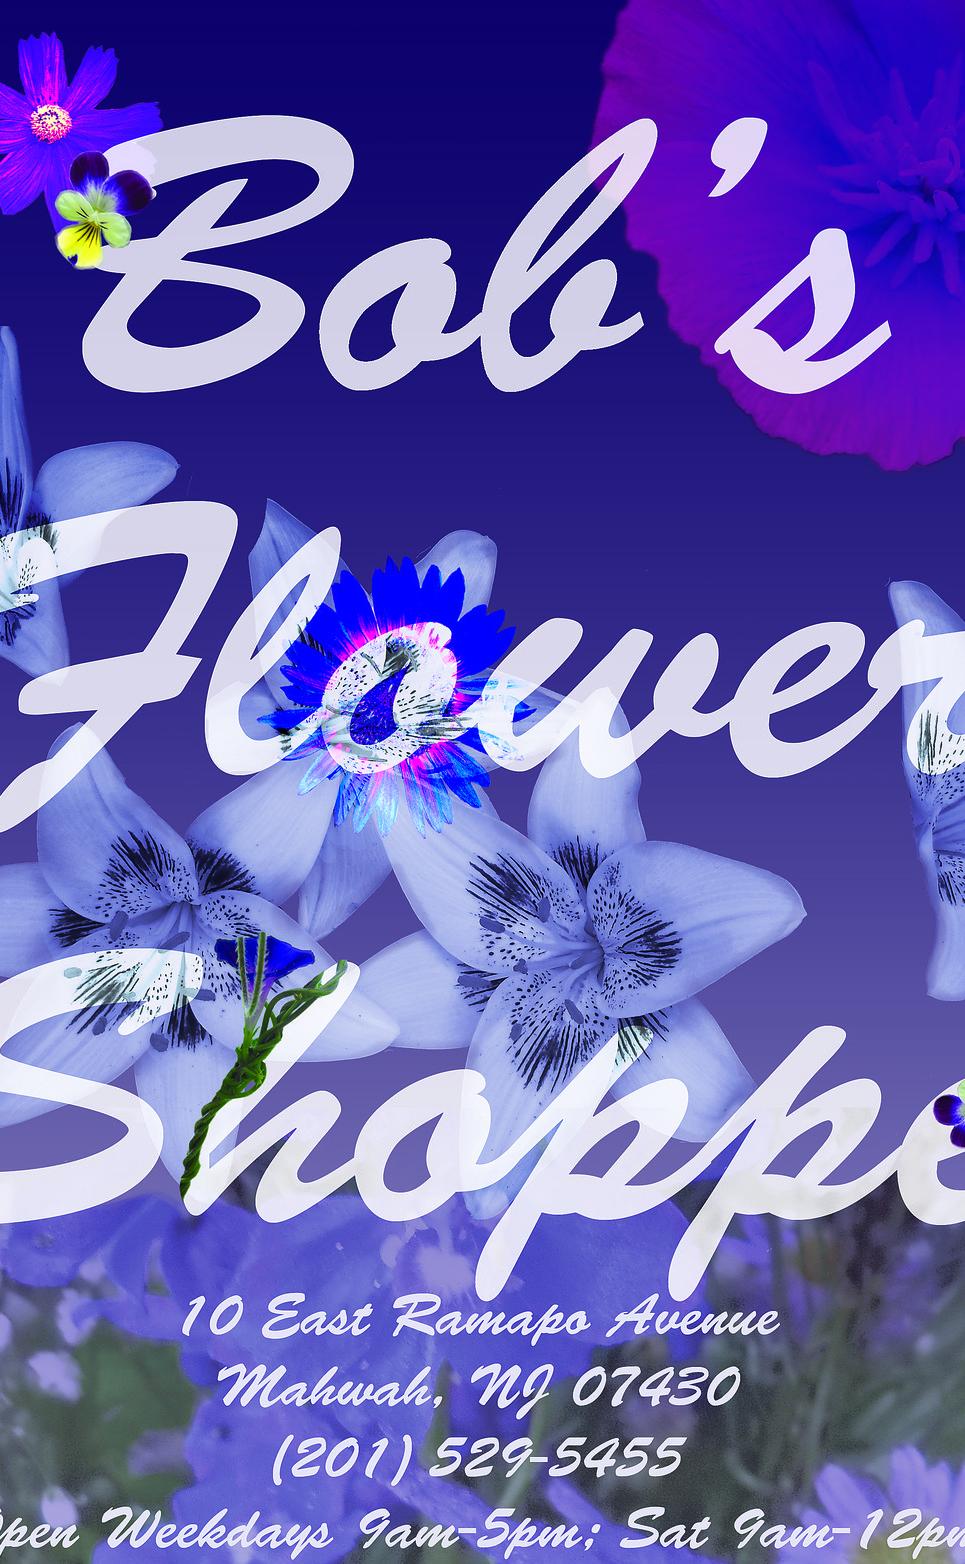 Flower final 2 show